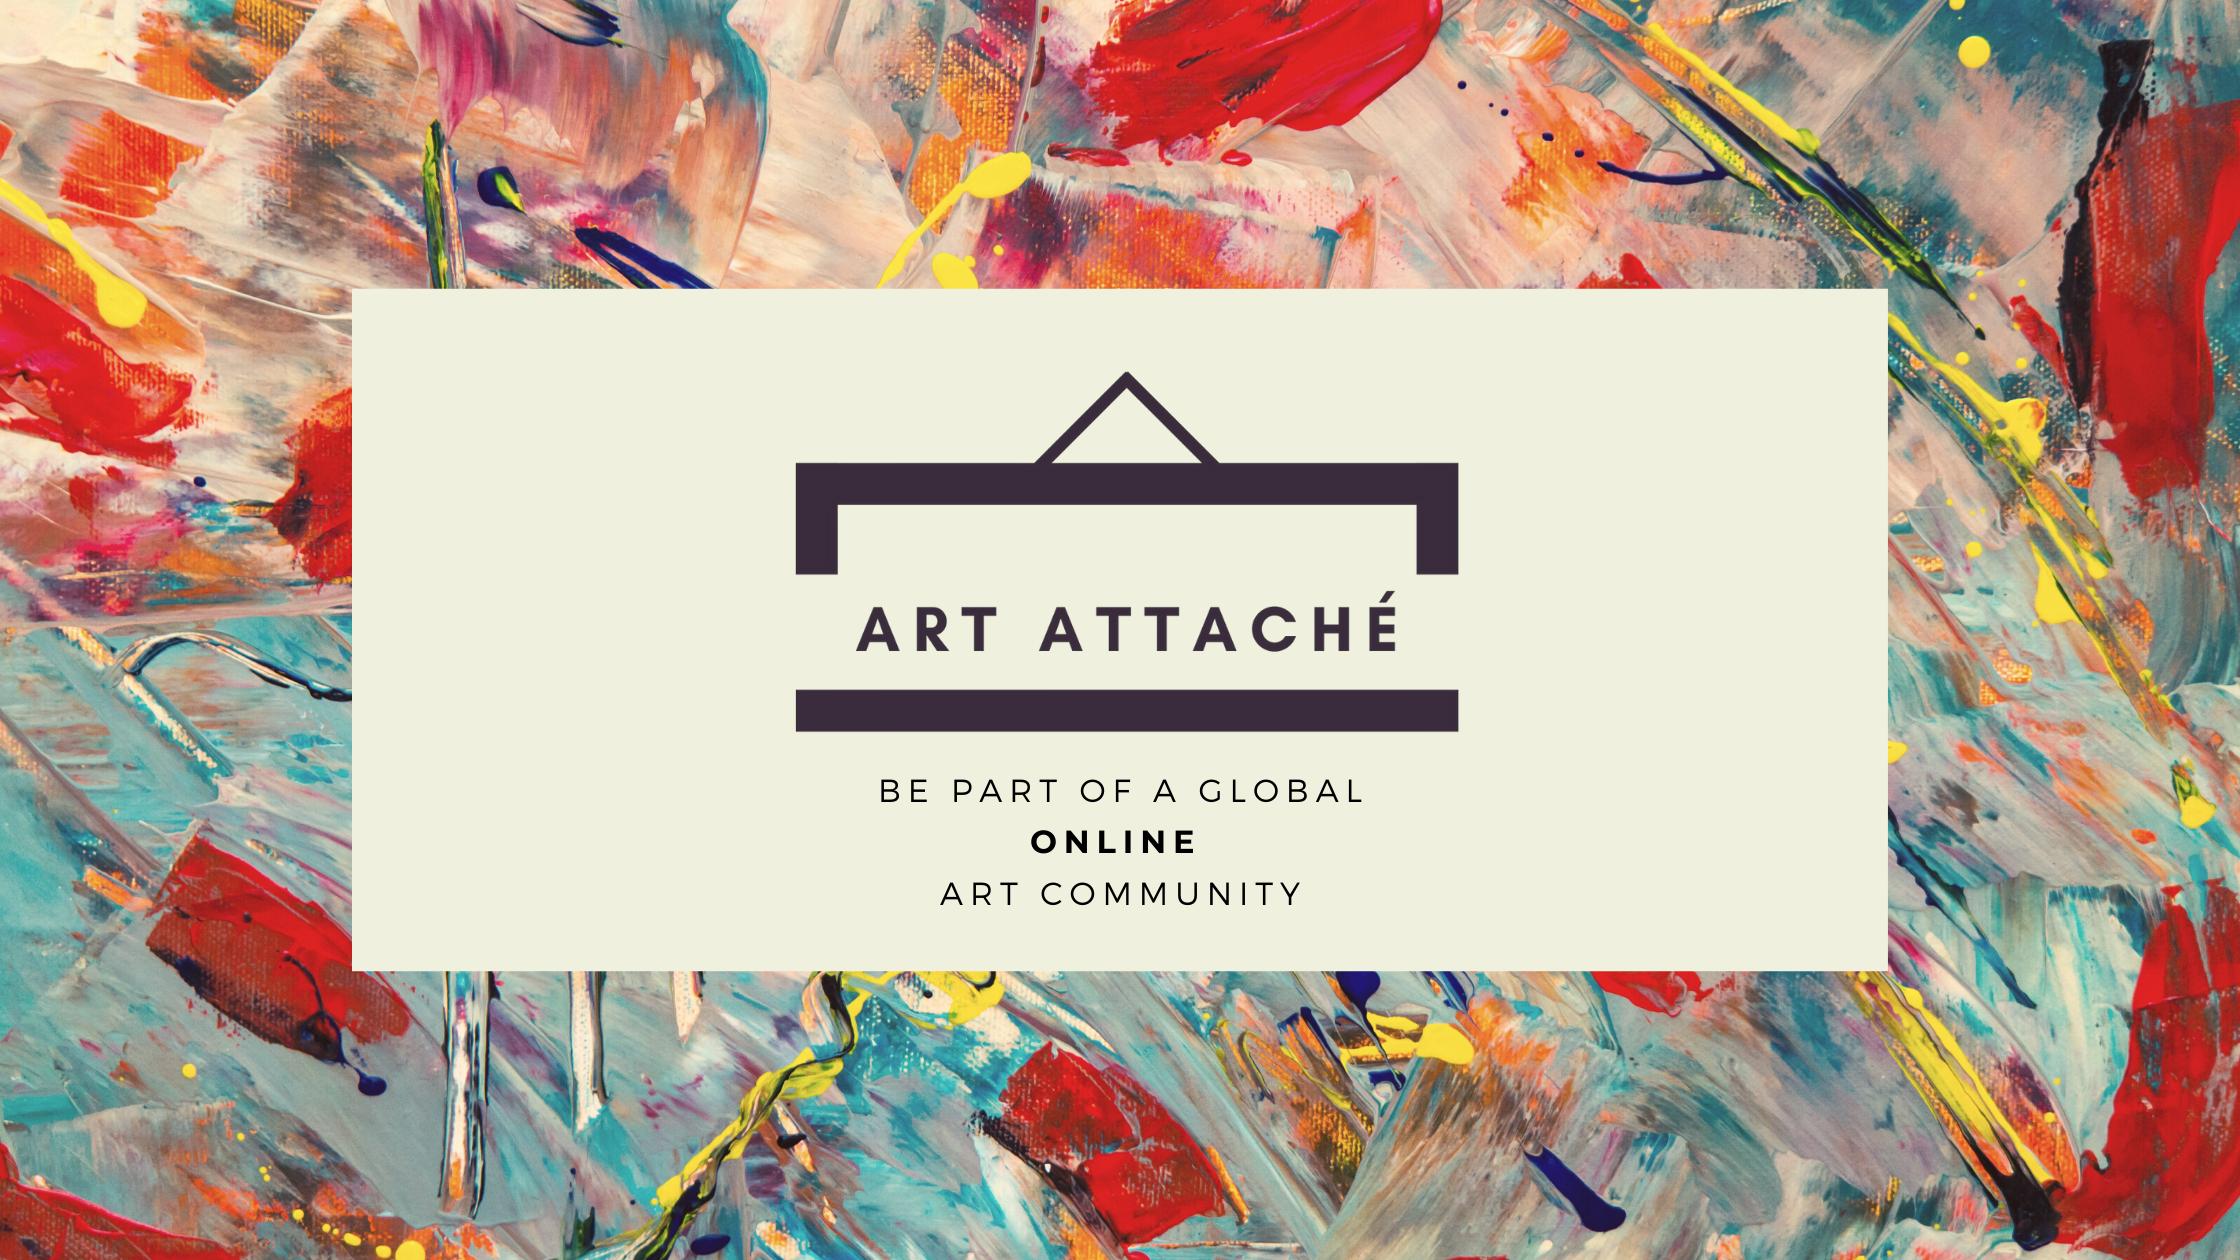 Student Start-Ups: An Interview with Ravi Shah & Art Attaché